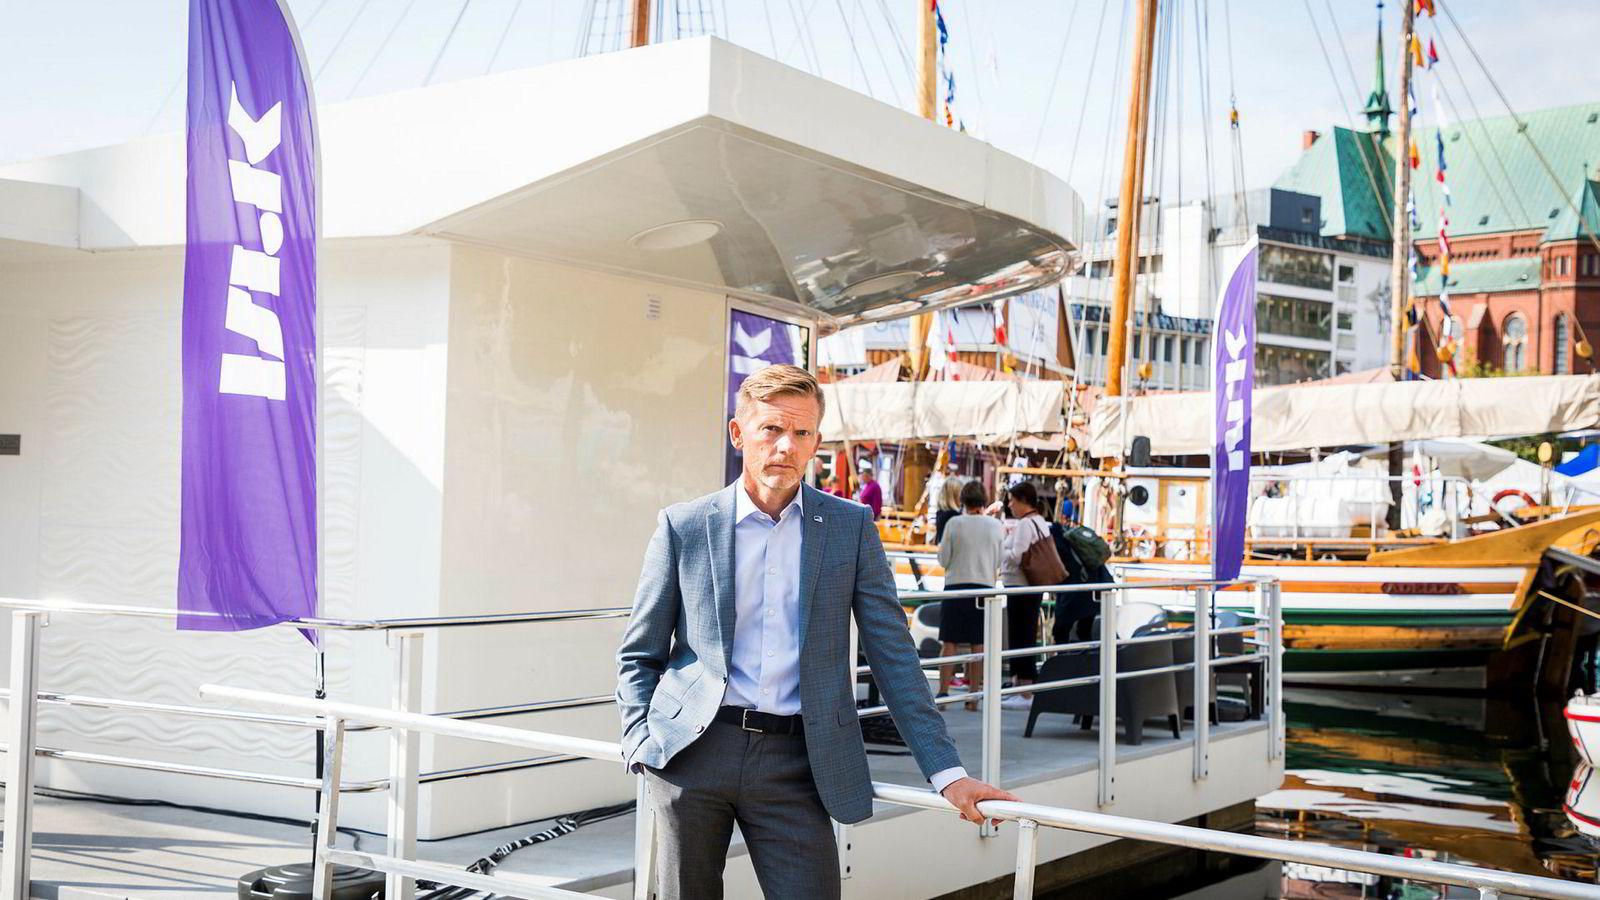 Mediepolitisk talsperson i Høyre, Tage Pettersen, ga NRK-flåten som ligger i pollen i Arendal under Arendalsuka.